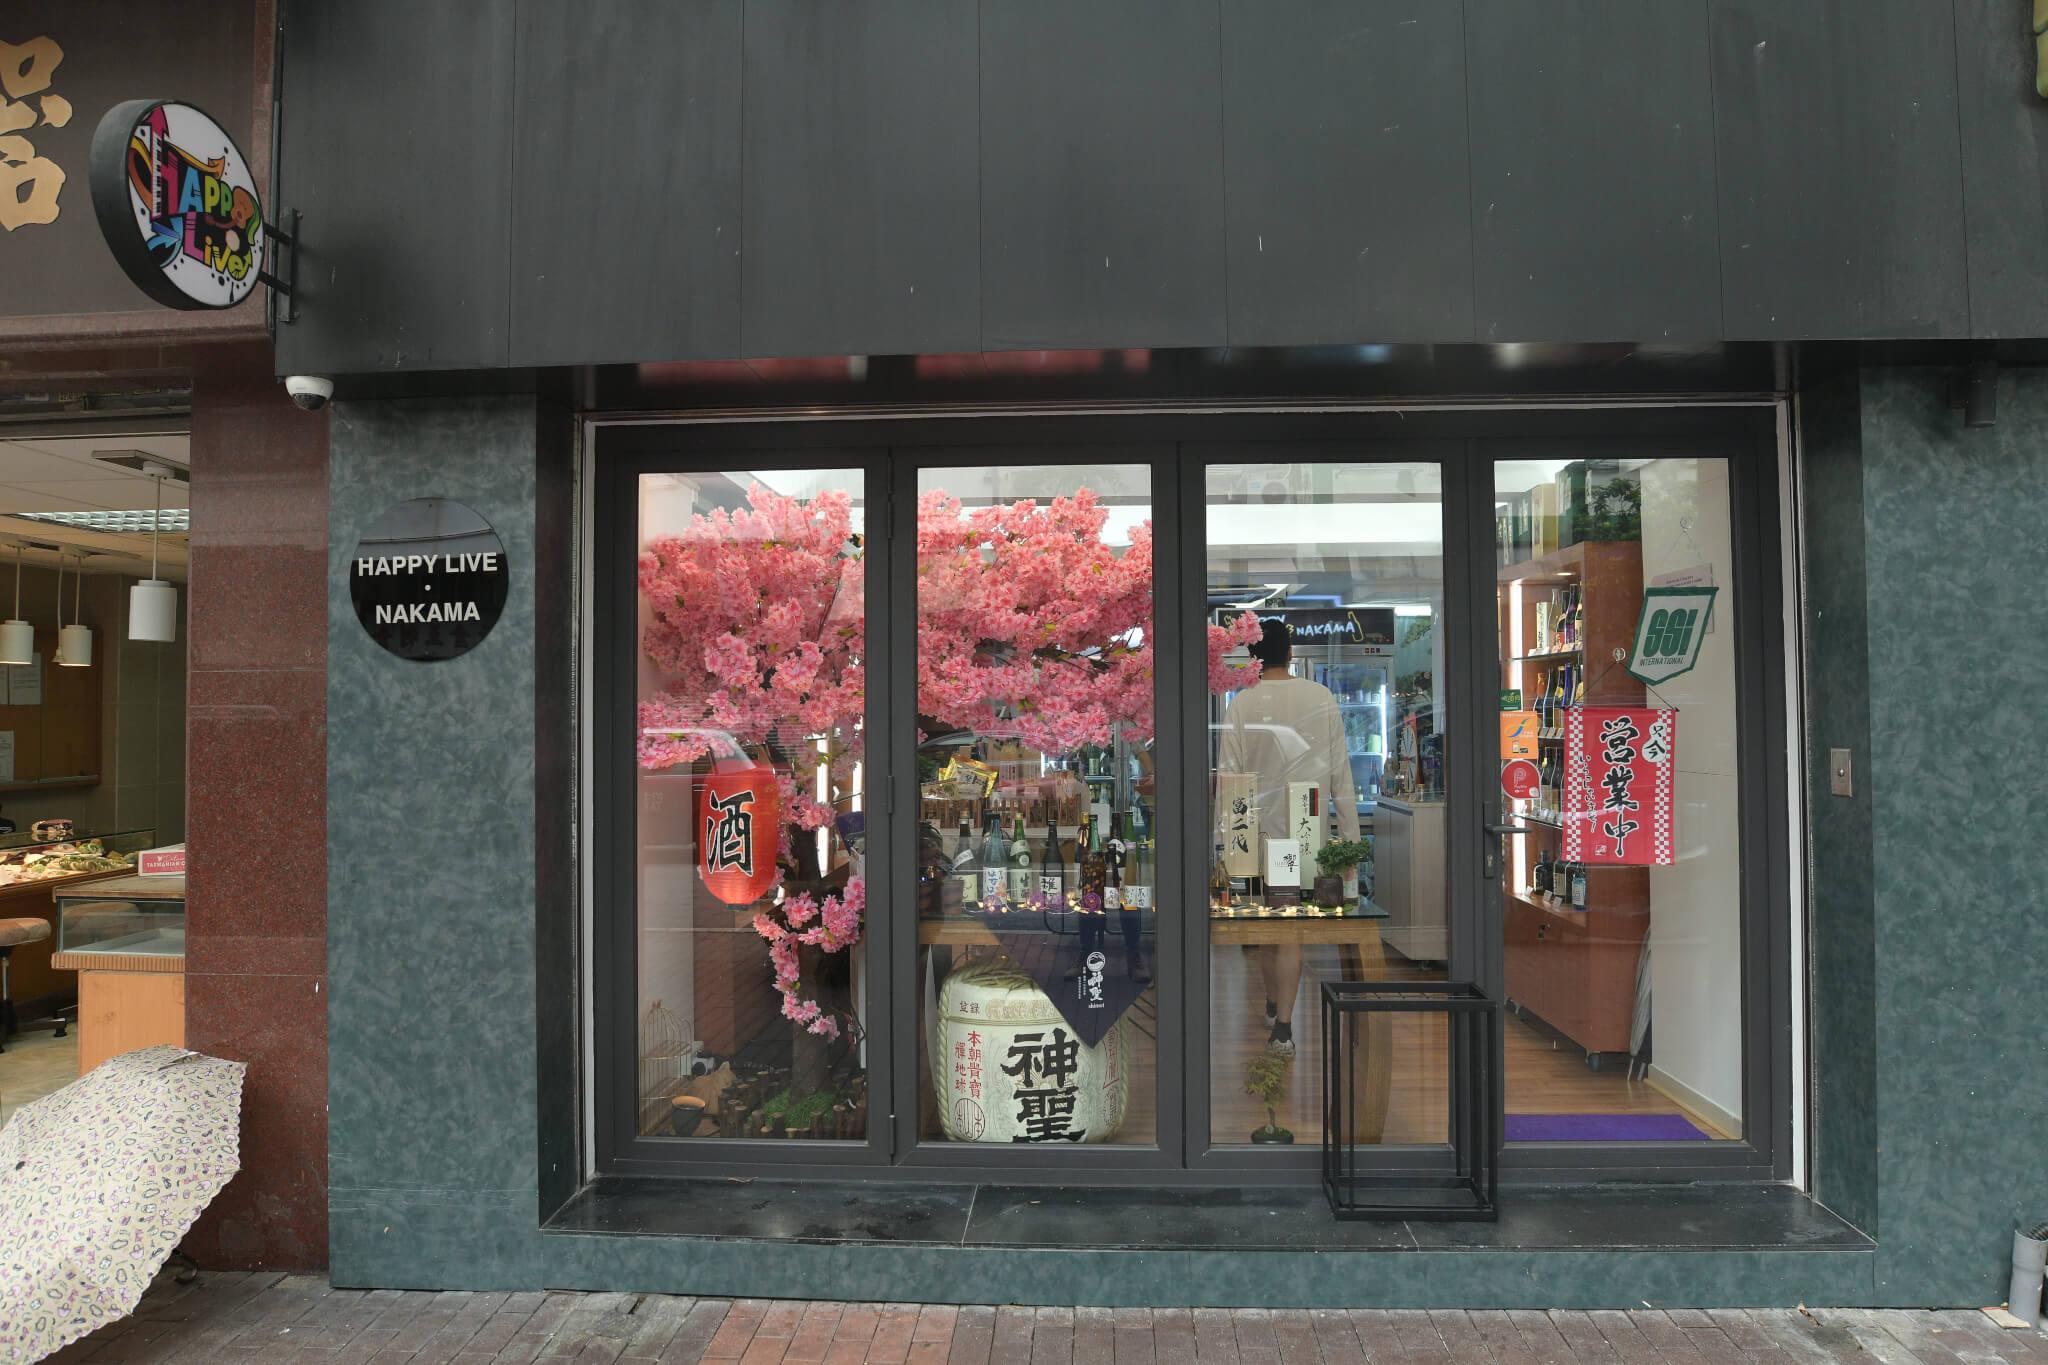 新店樓下賣日本清酒,樓上就讓一班志同道合的歌手開Live。